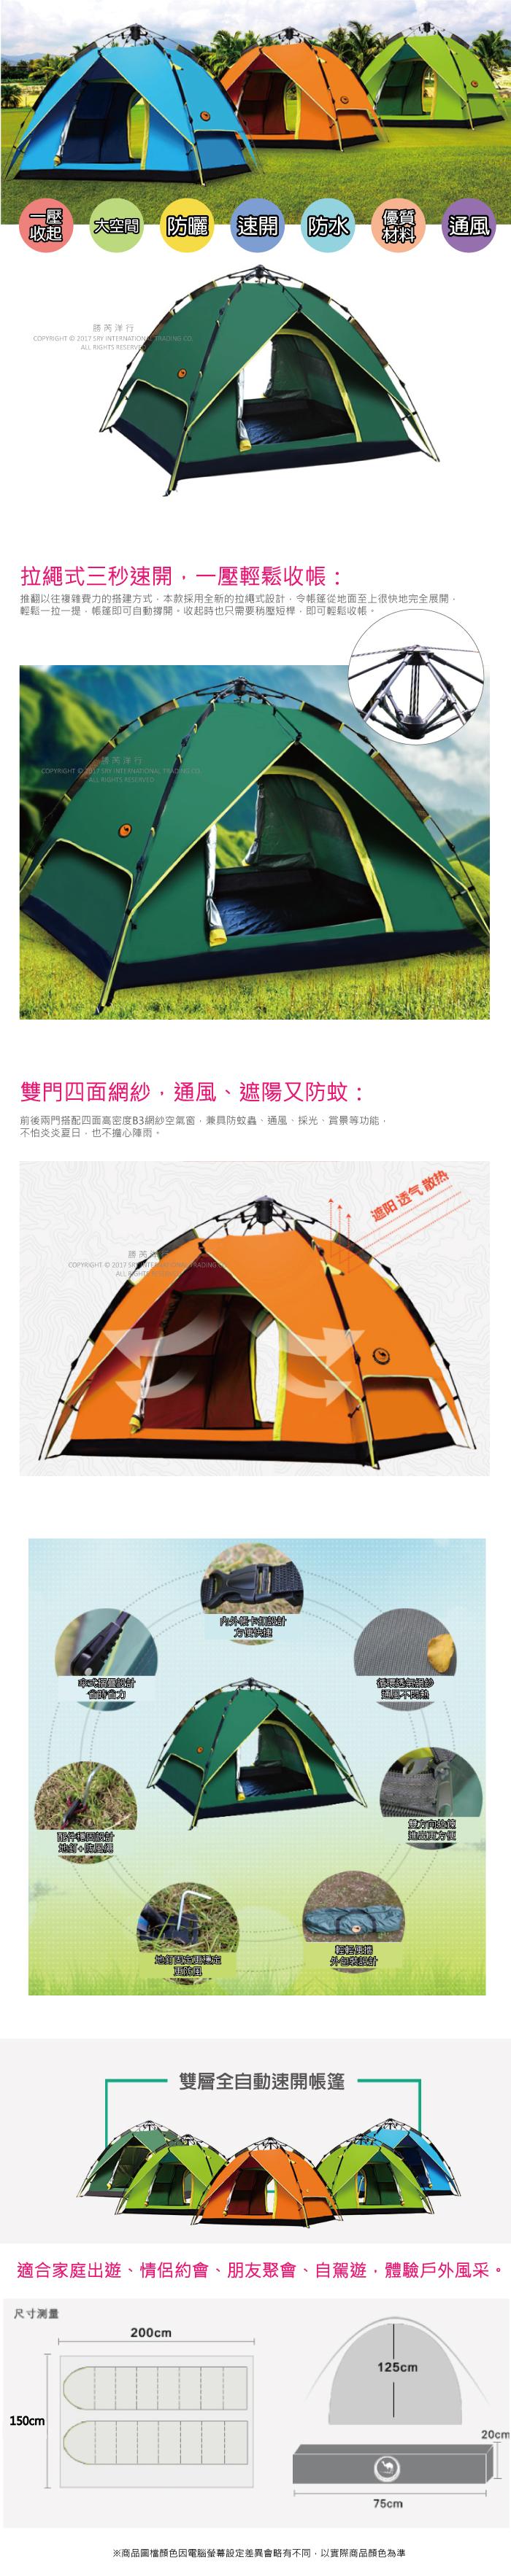 露營帳篷介紹